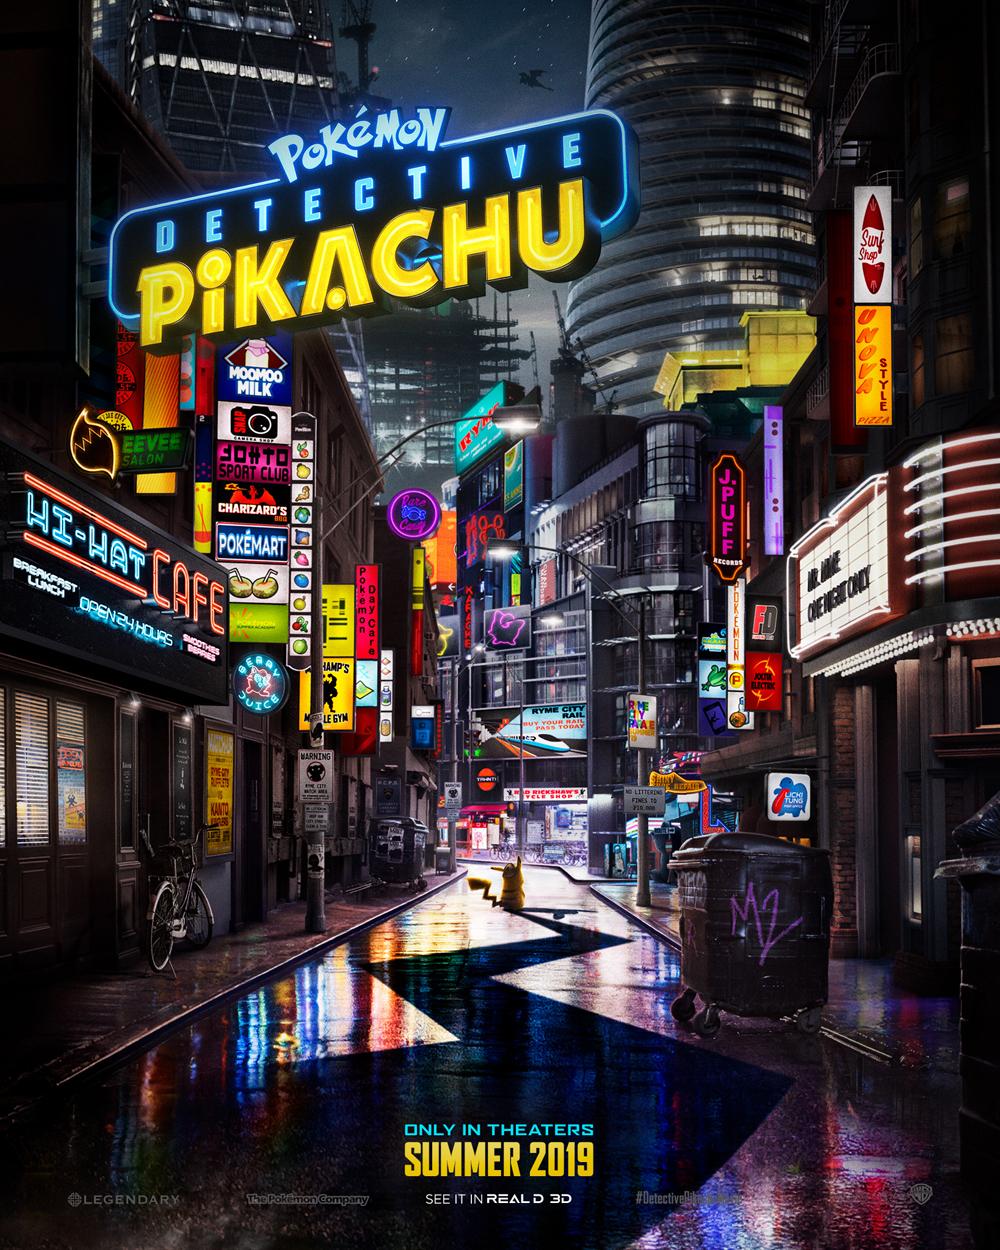 pokemon detective pikachu poster - Primer trailer oficial de Pokémon Detective Pikachu